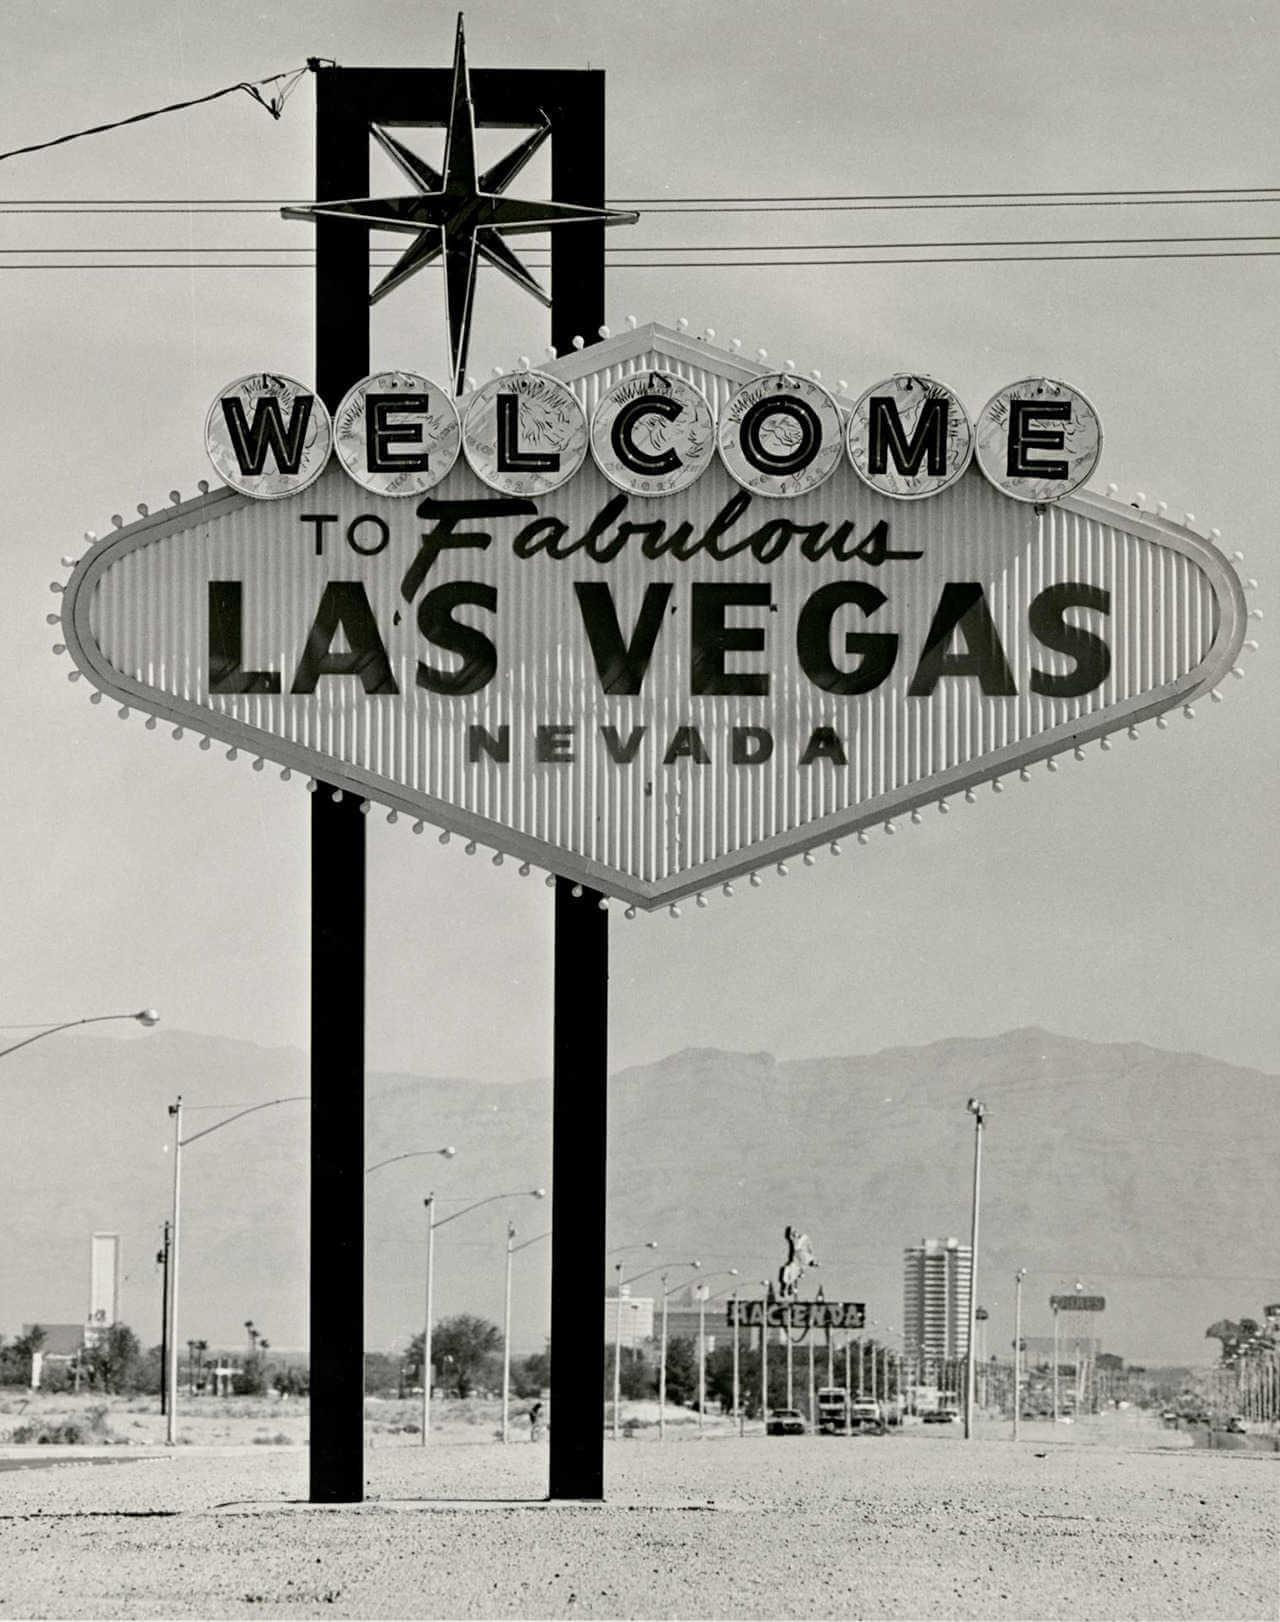 cartel de bienvenido a las vegas en los años 60